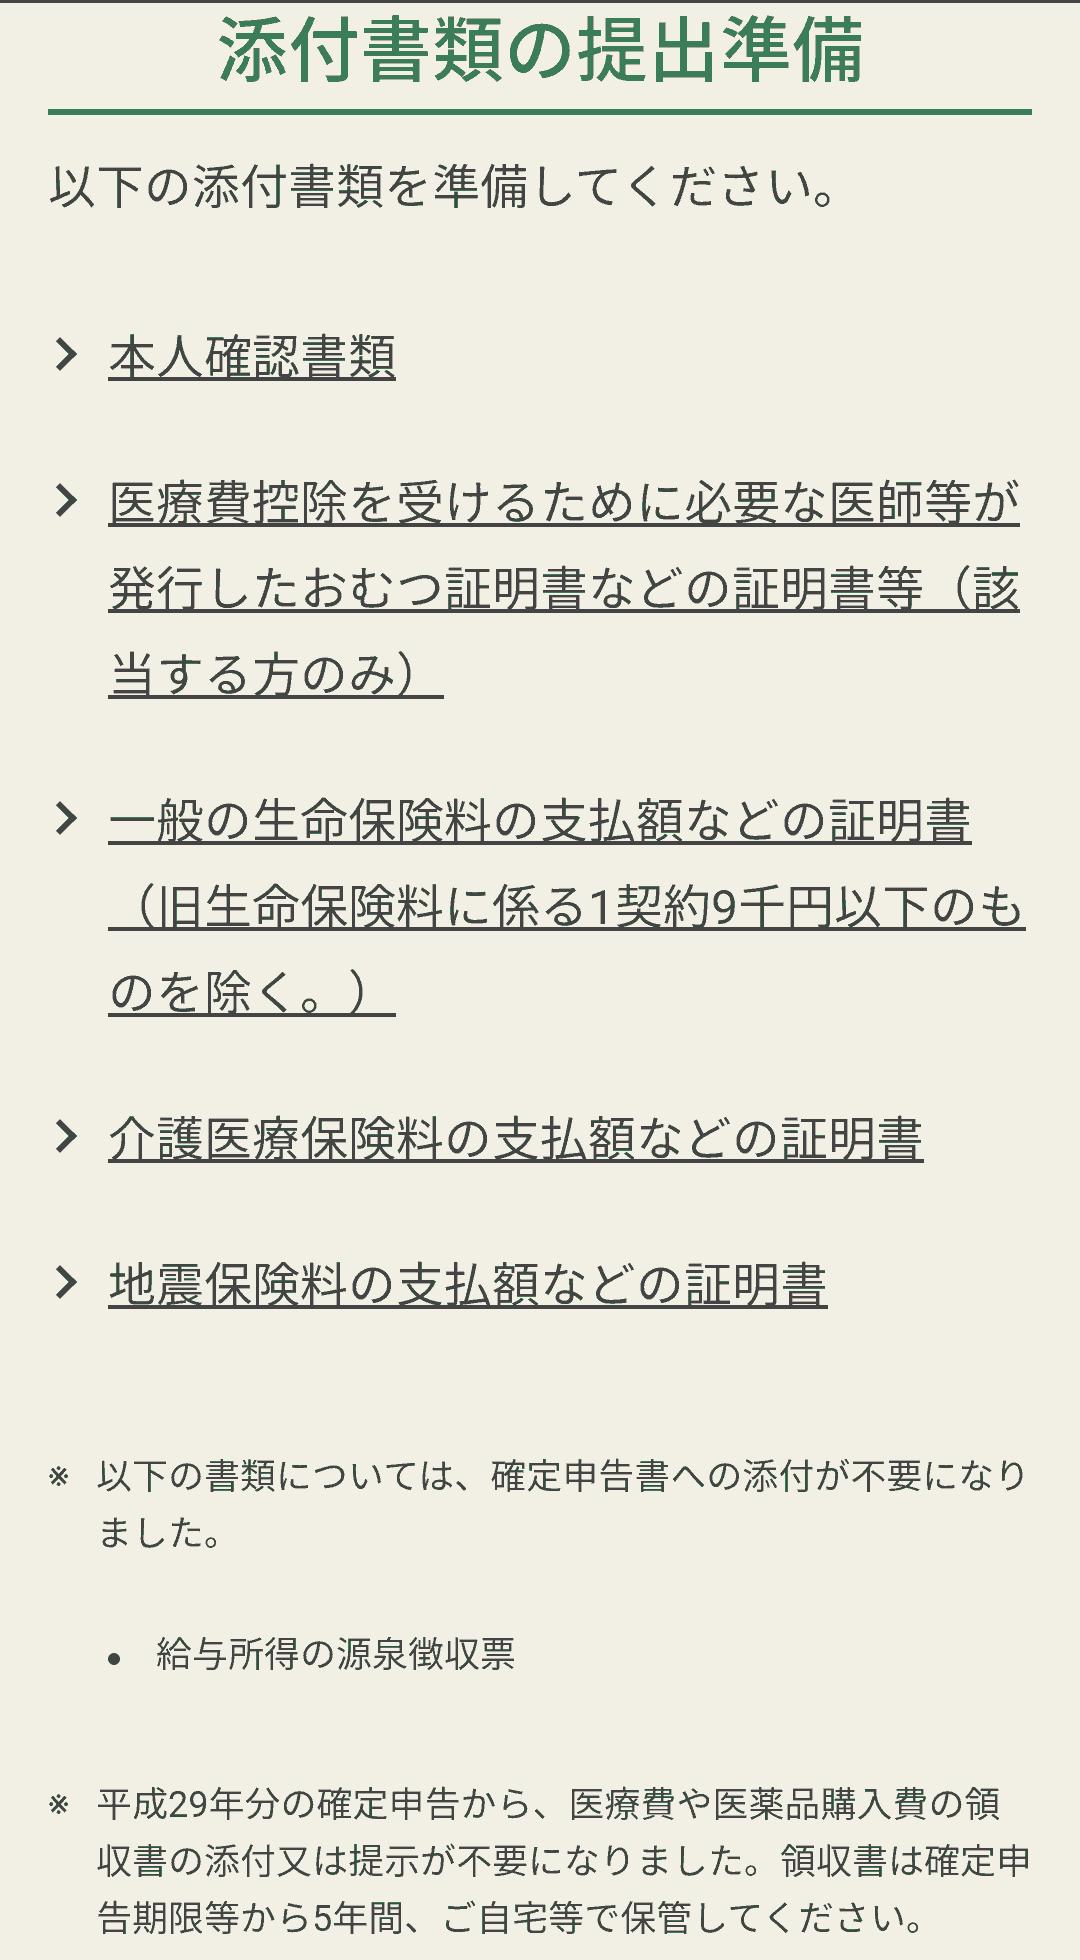 申告書を印刷した後2